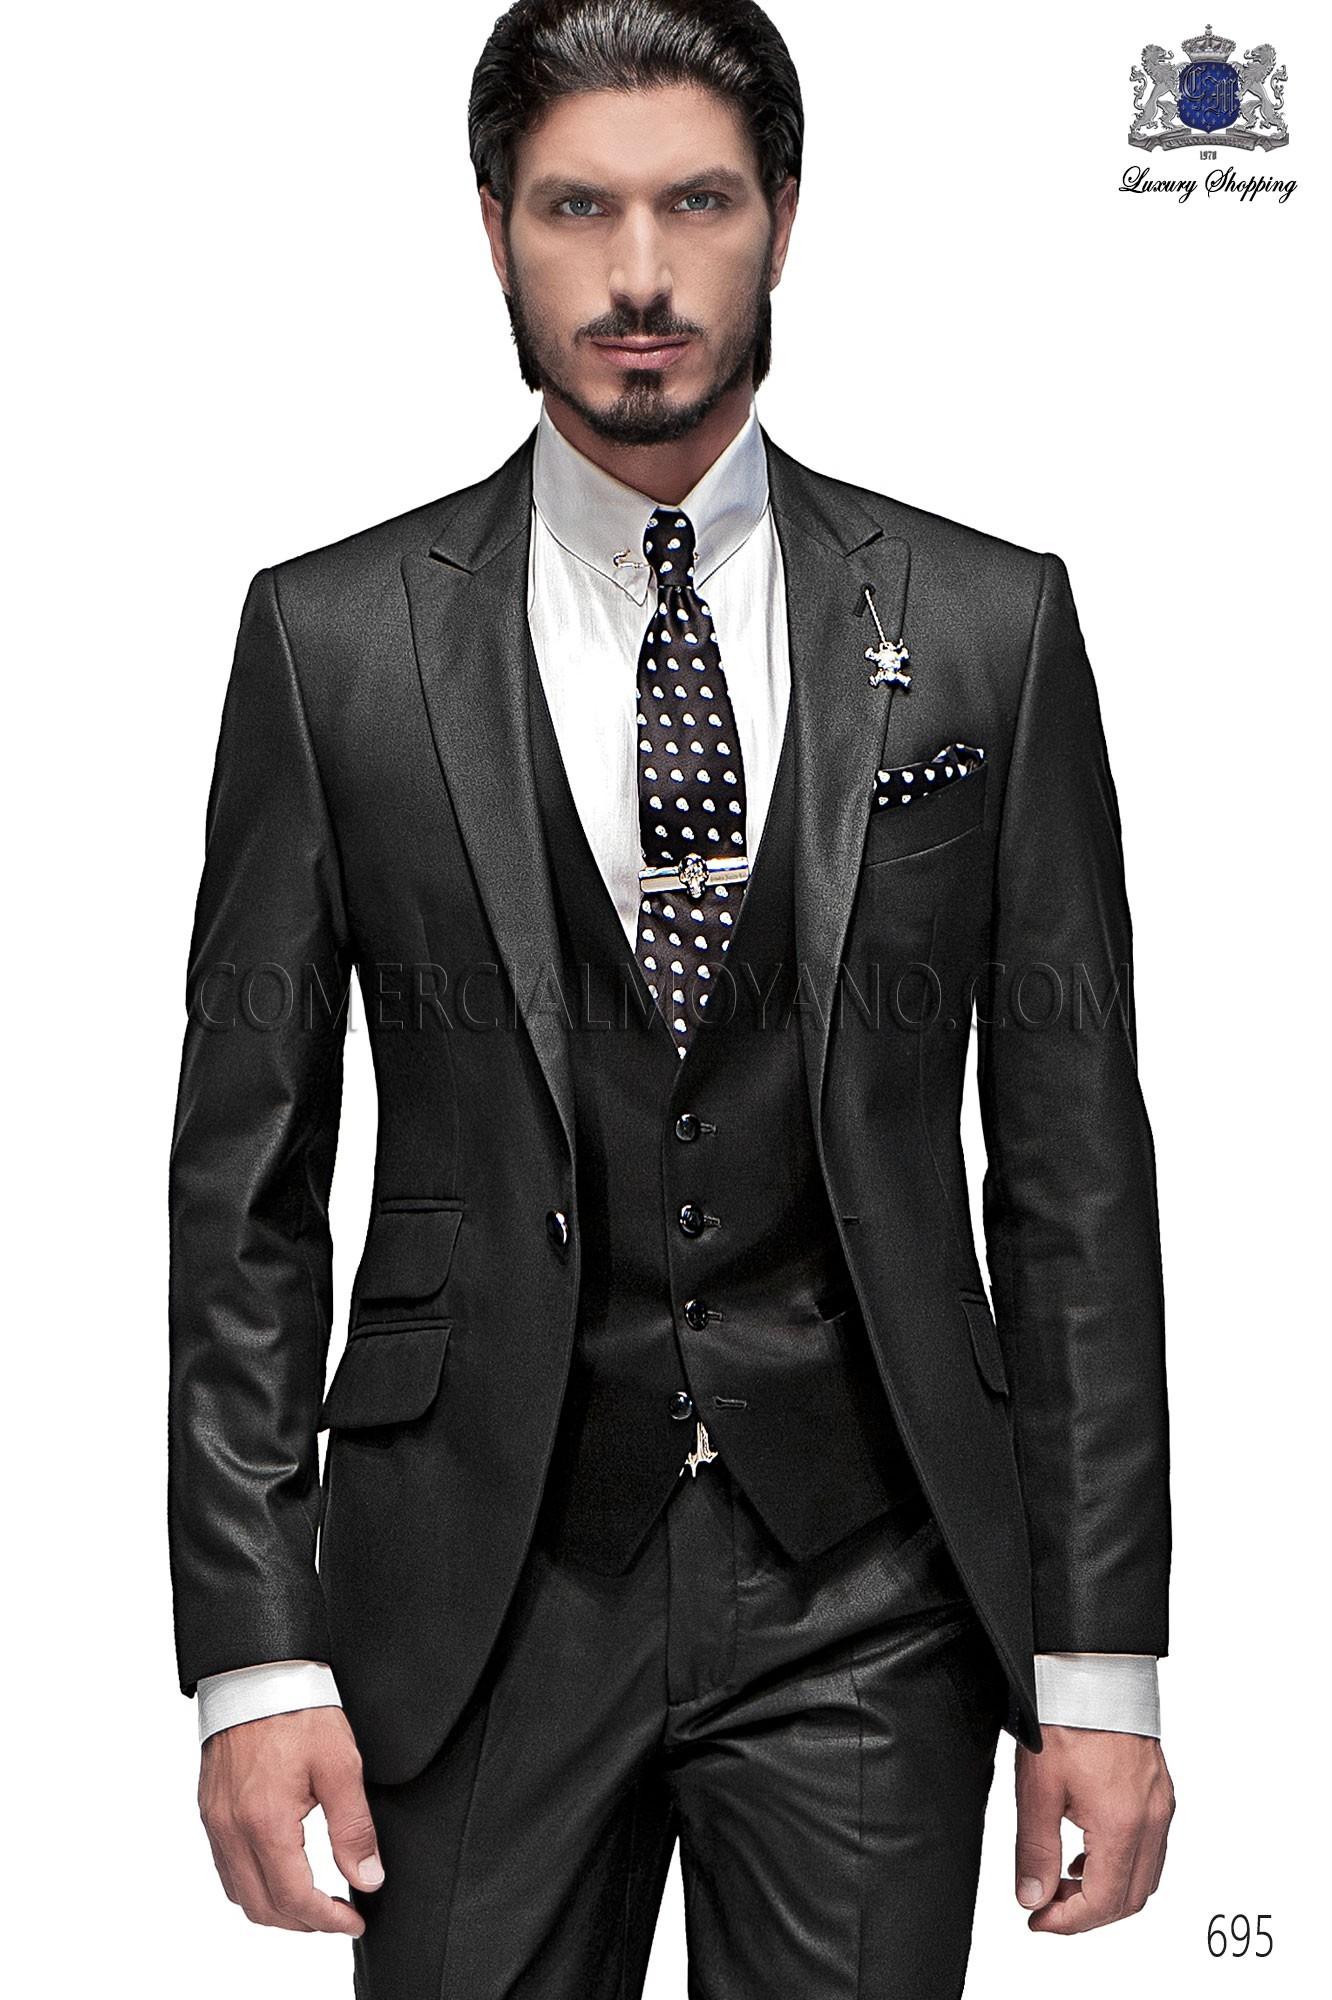 Traje de moda hombre negro modelo: 695 Ottavio Nuccio Gala colección Emotion 2017